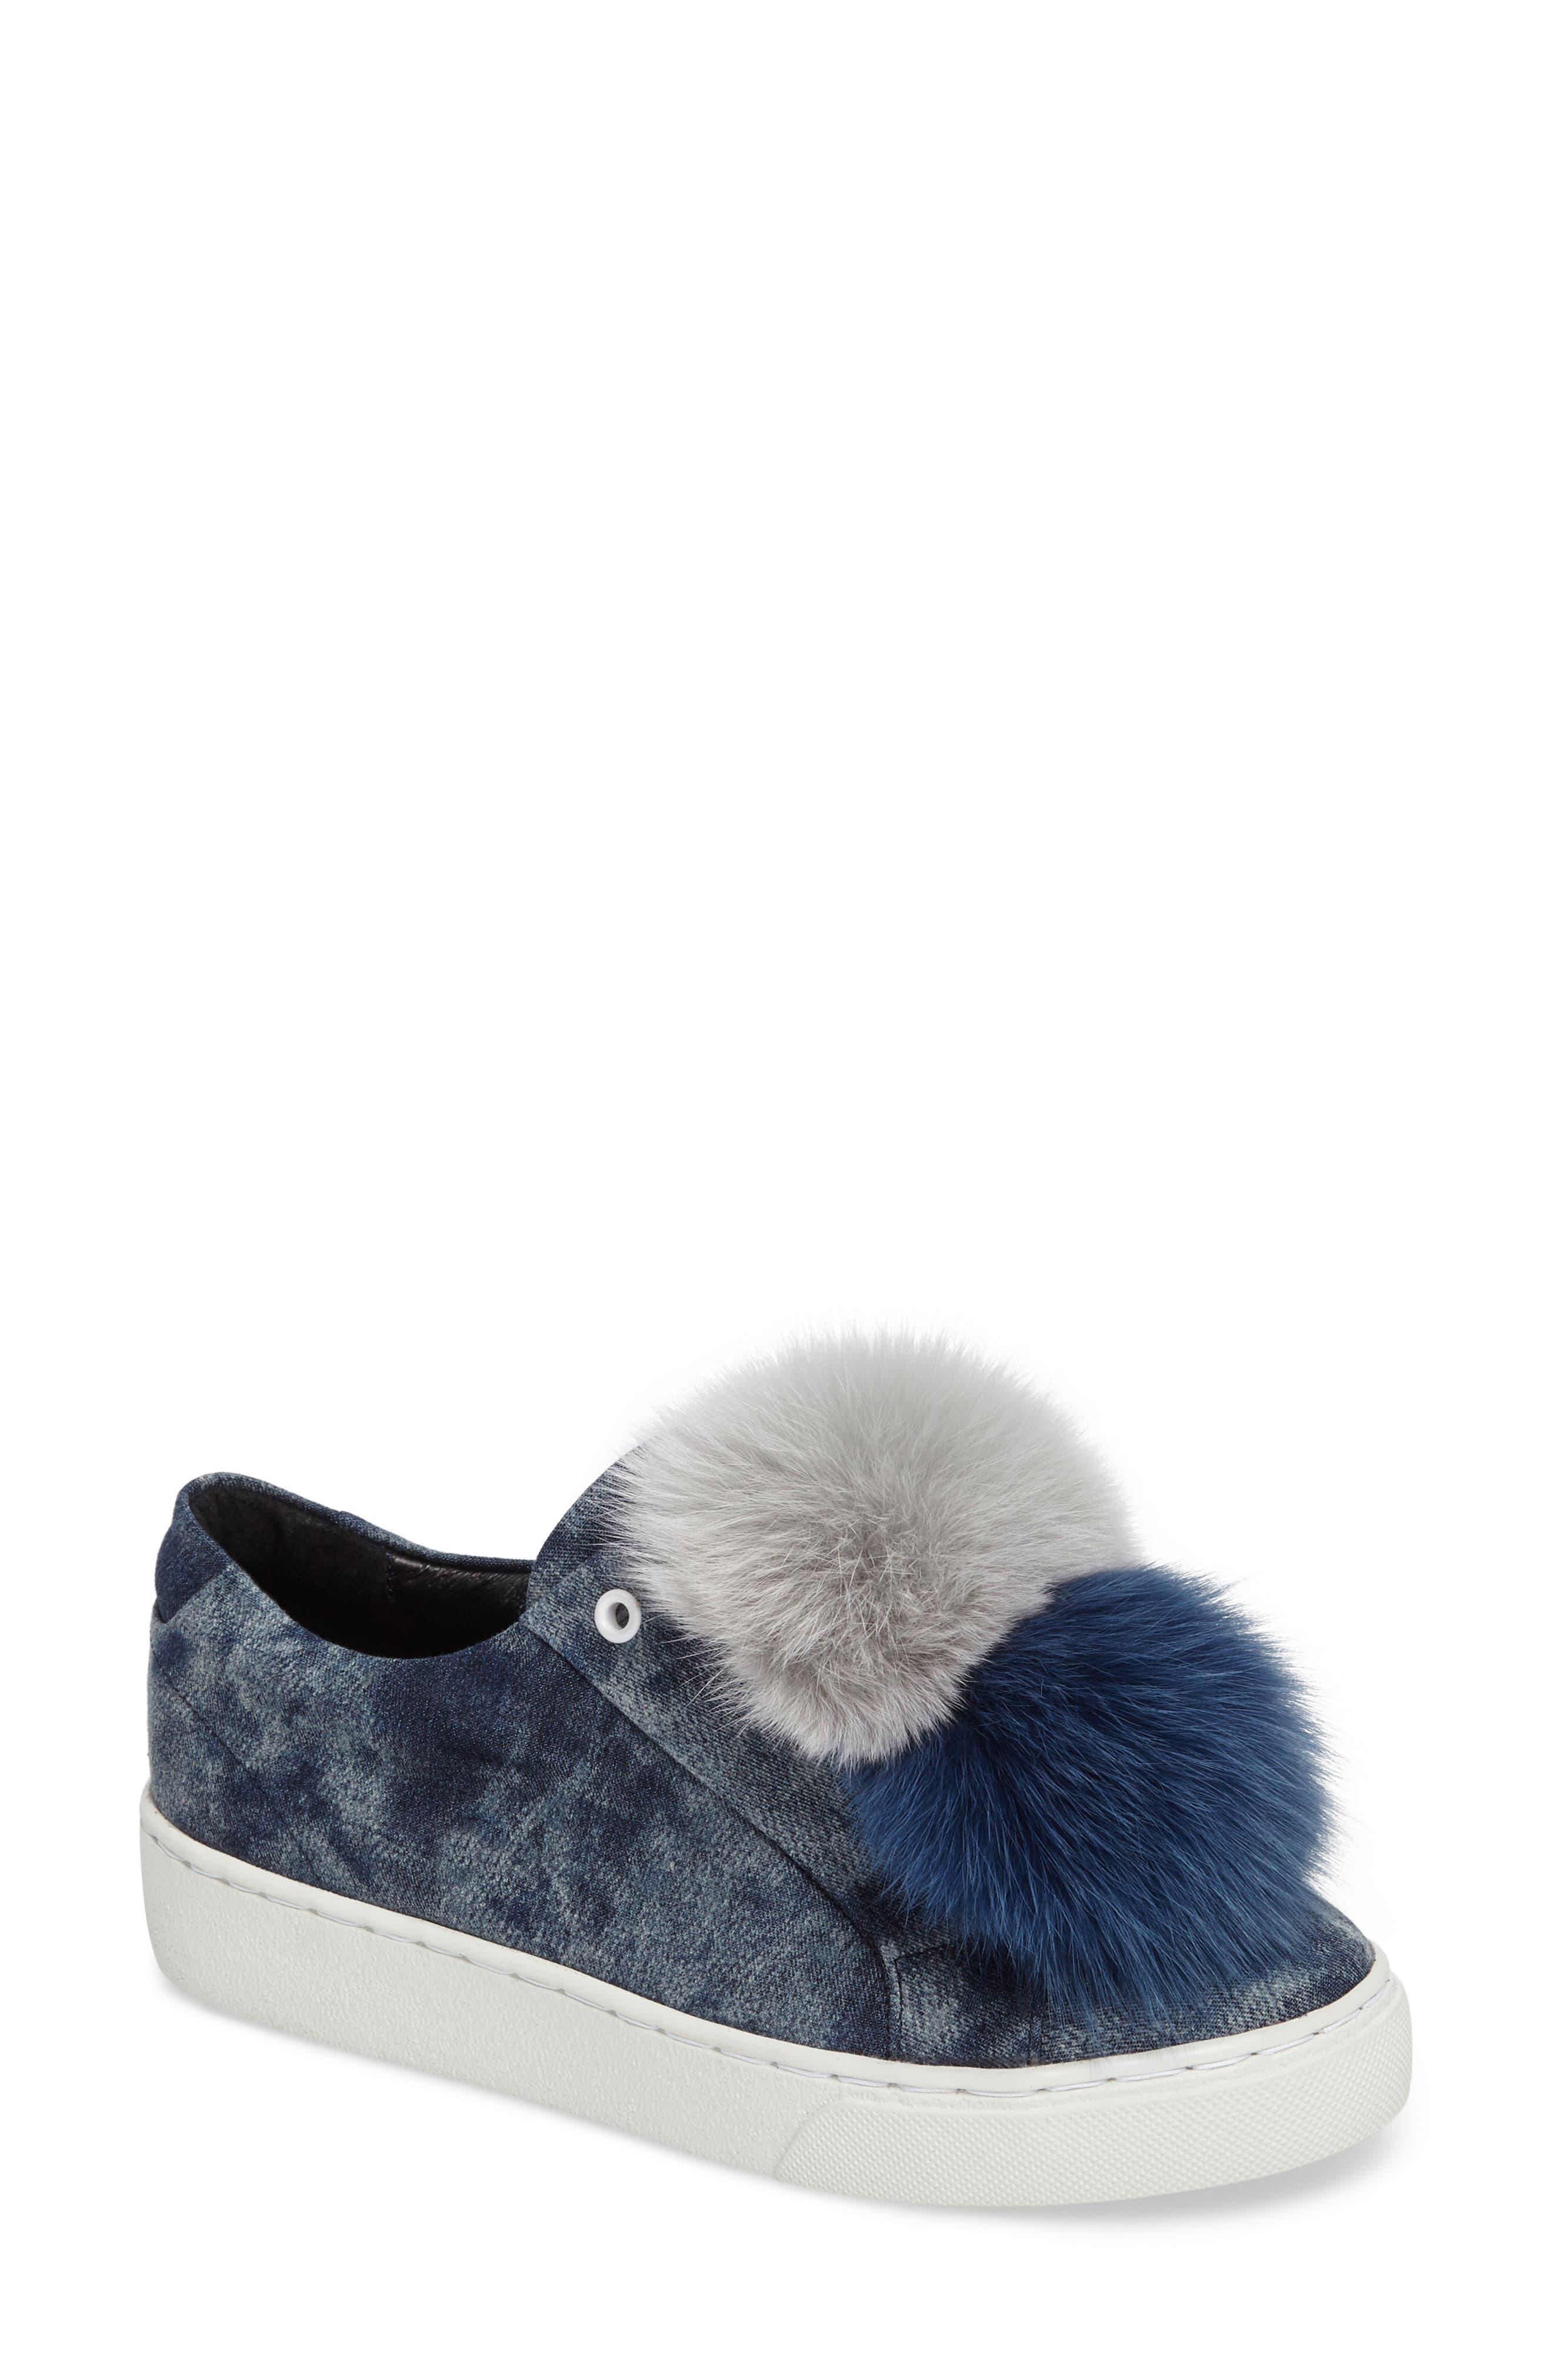 Alternate Image 1 Selected - Here / Now Joey Genuine Fox Fur Trim Sneaker (Women)